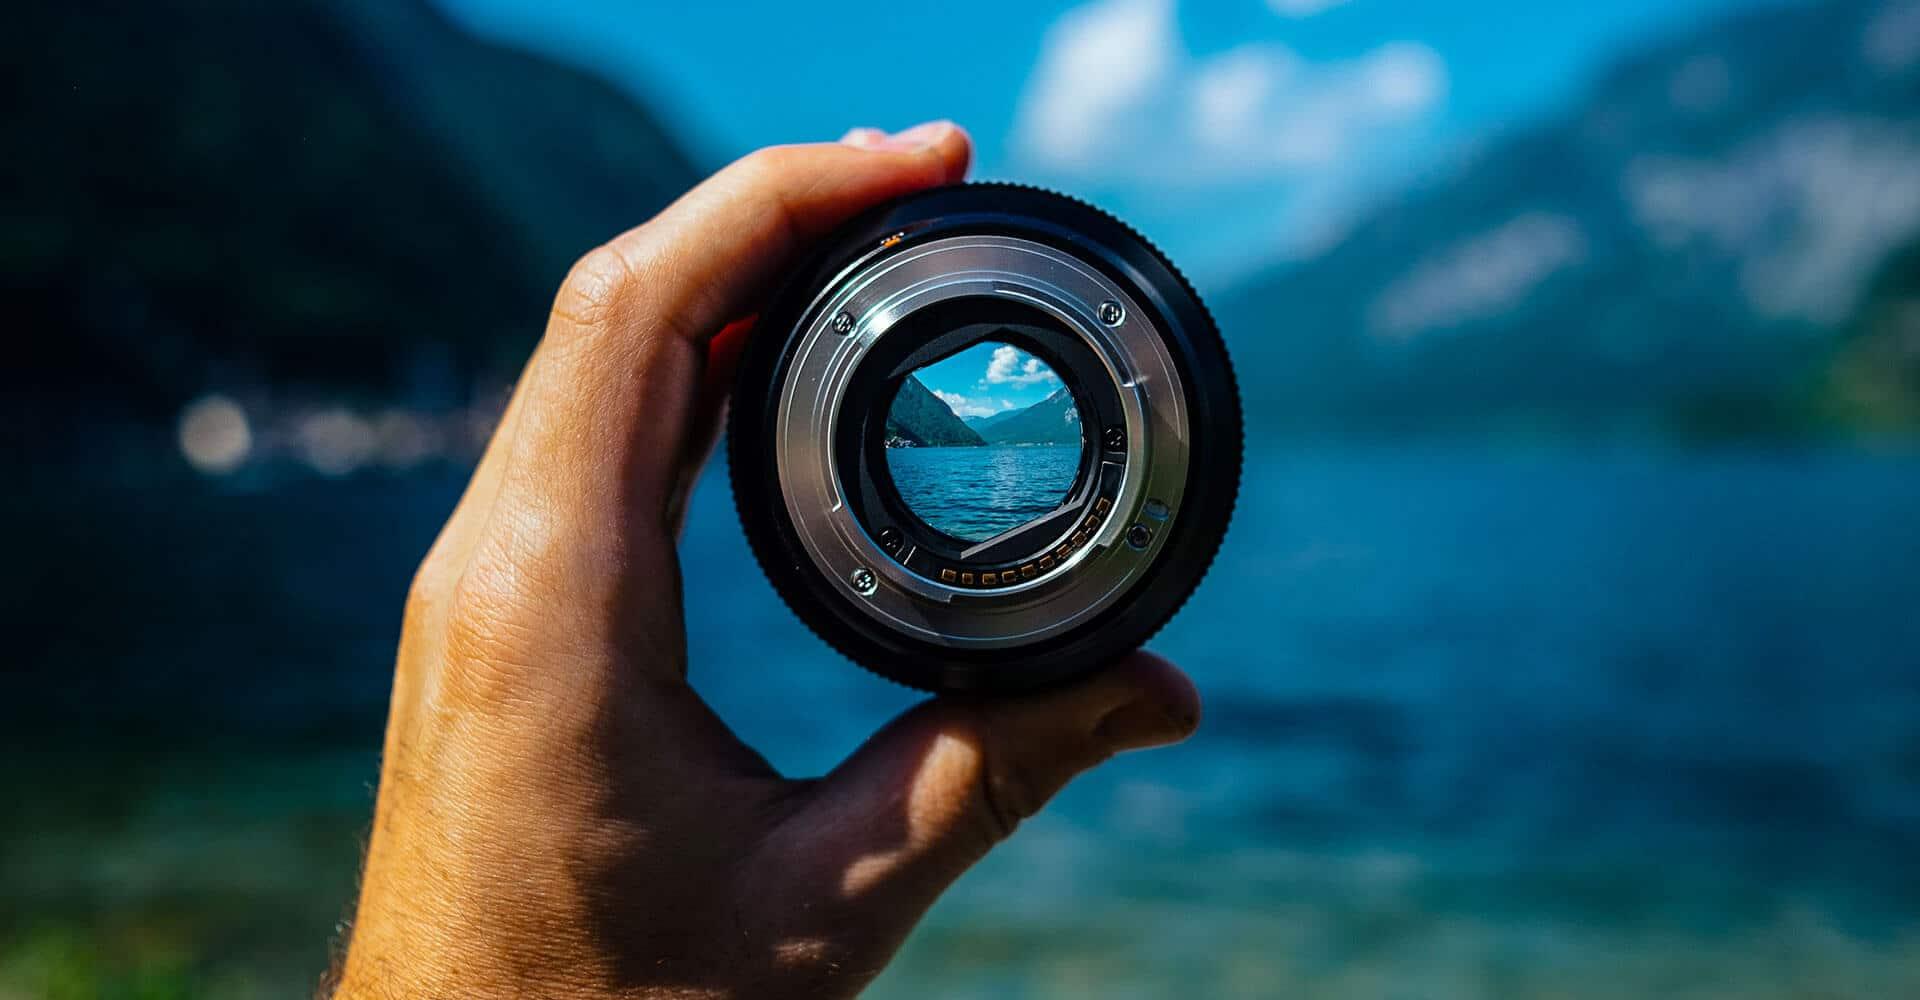 Dicas de Fotografia: As Melhores Maneiras de Evoluir sua Fotografia